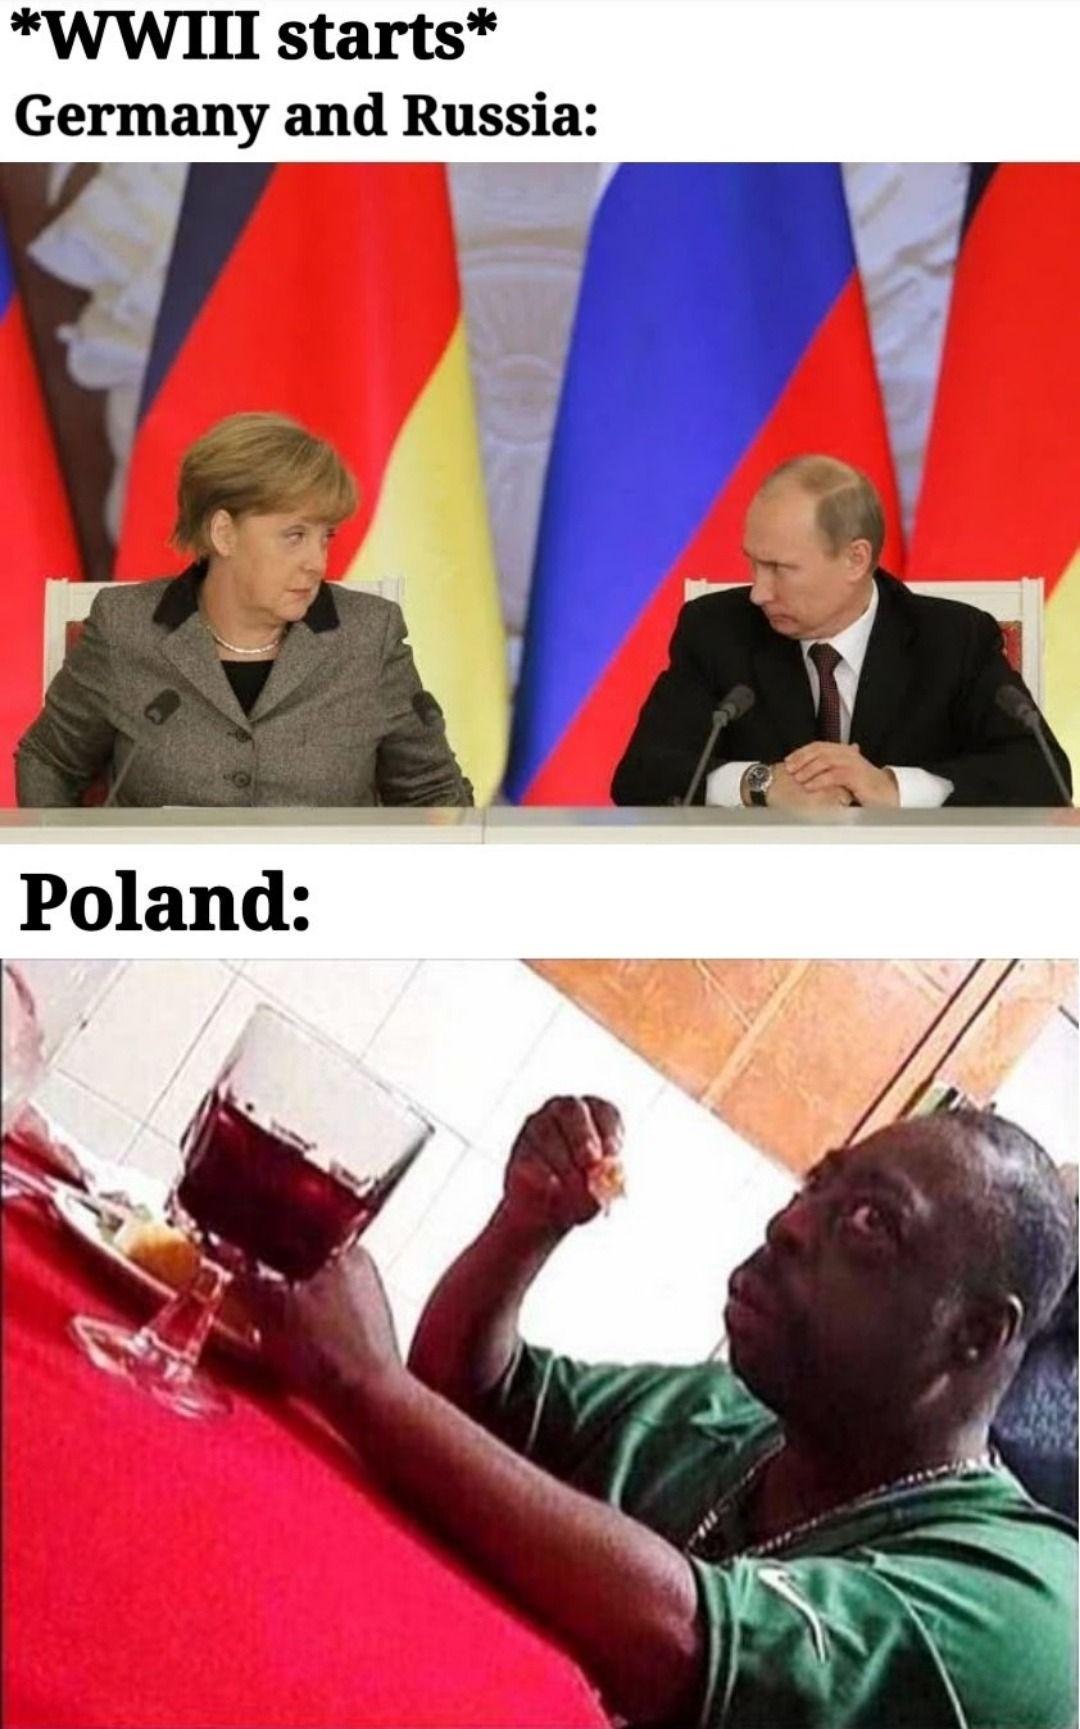 Ww3 Germany Russia Poland Beetlejuice Meme Nel 2020 Troppo